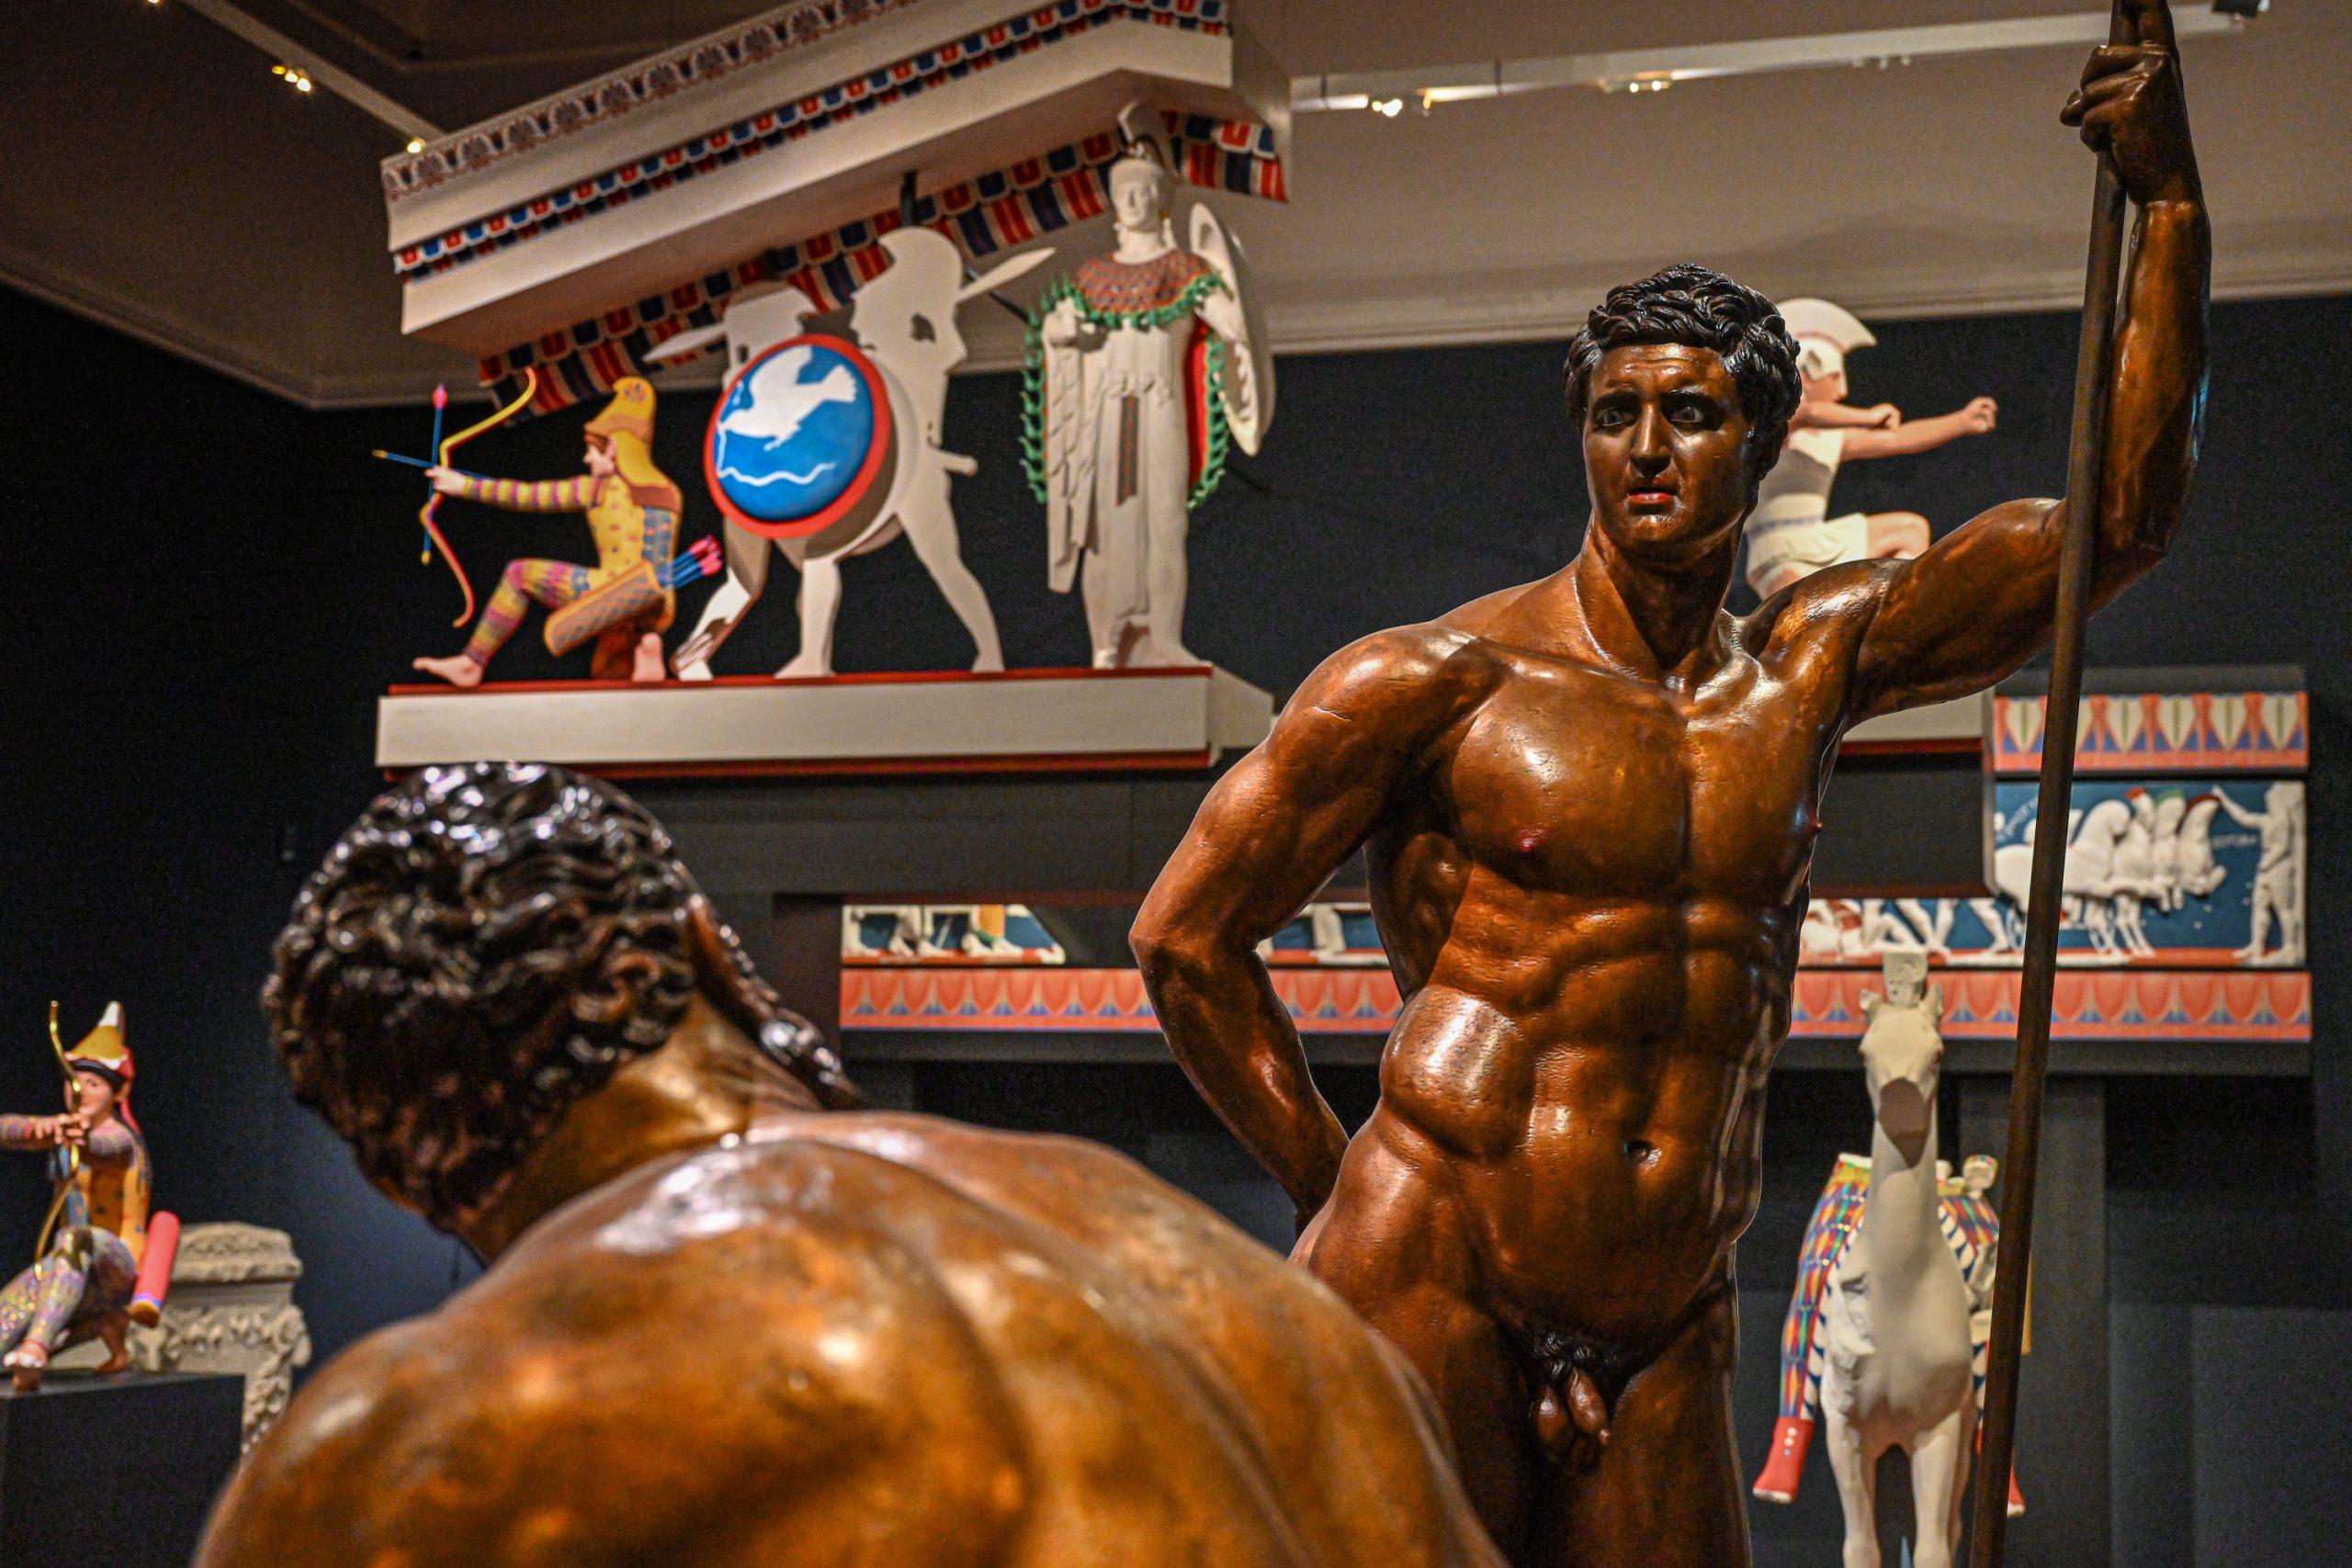 Bronzegruppe vom Quirinal in Rom (Darstellung aus der Argonautensage Thermenherrscher Polydeukes (stehend) und Faustkämpfer Amykos (sitzend)).